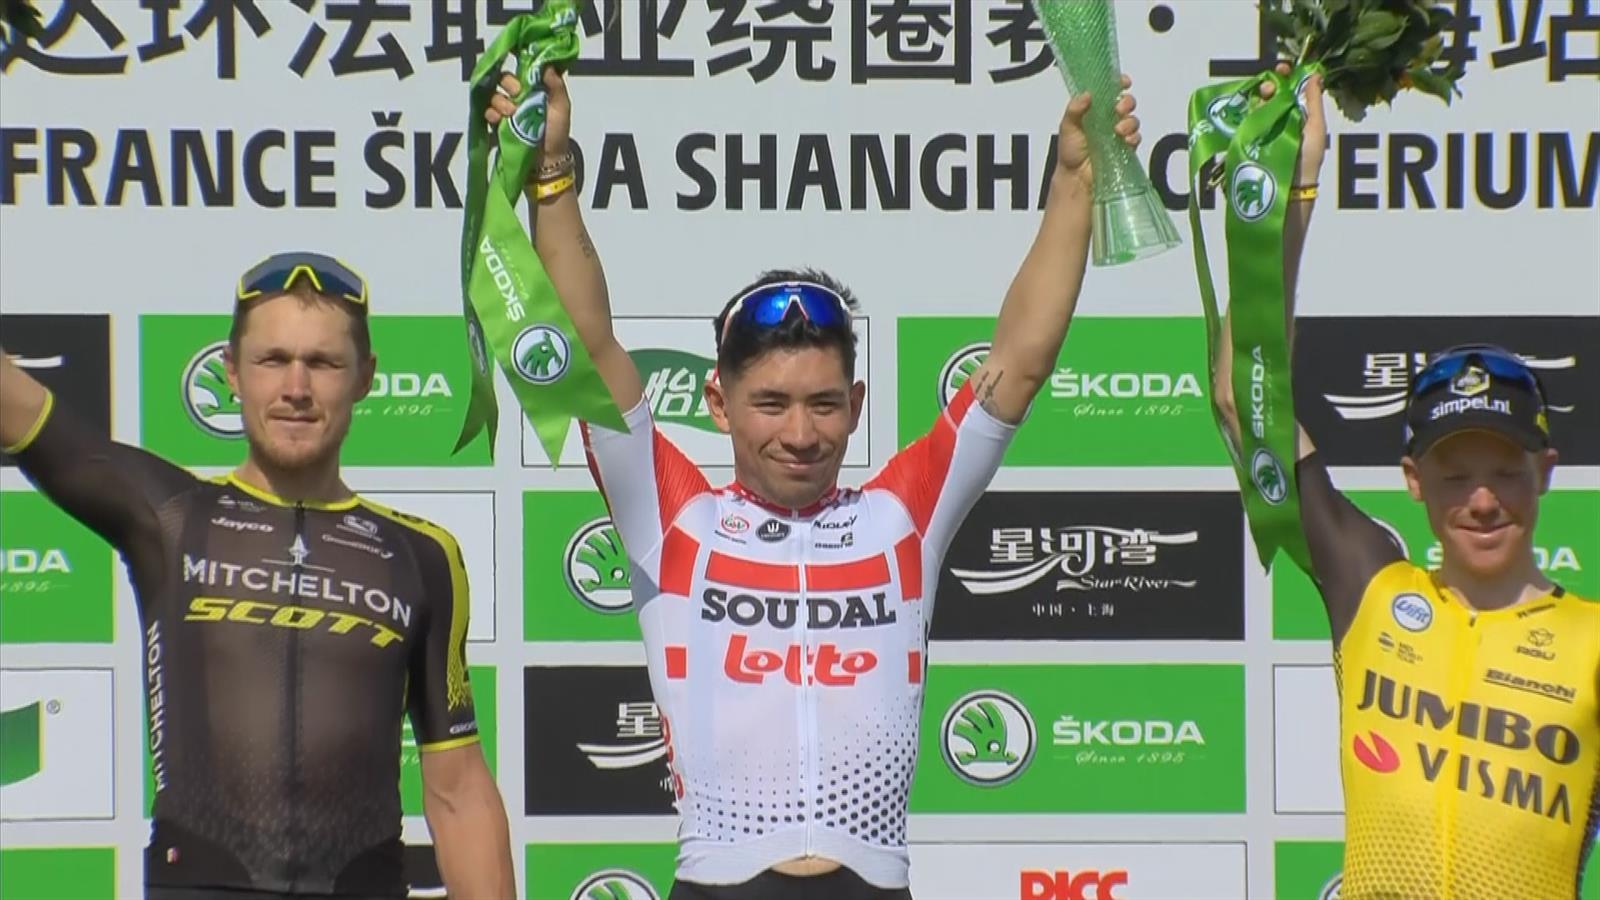 Ciclismo, Criterium de Shanghai: Caleb Ewan gana al sprint y Bernal se deja ver en la cabeza - Eurosport